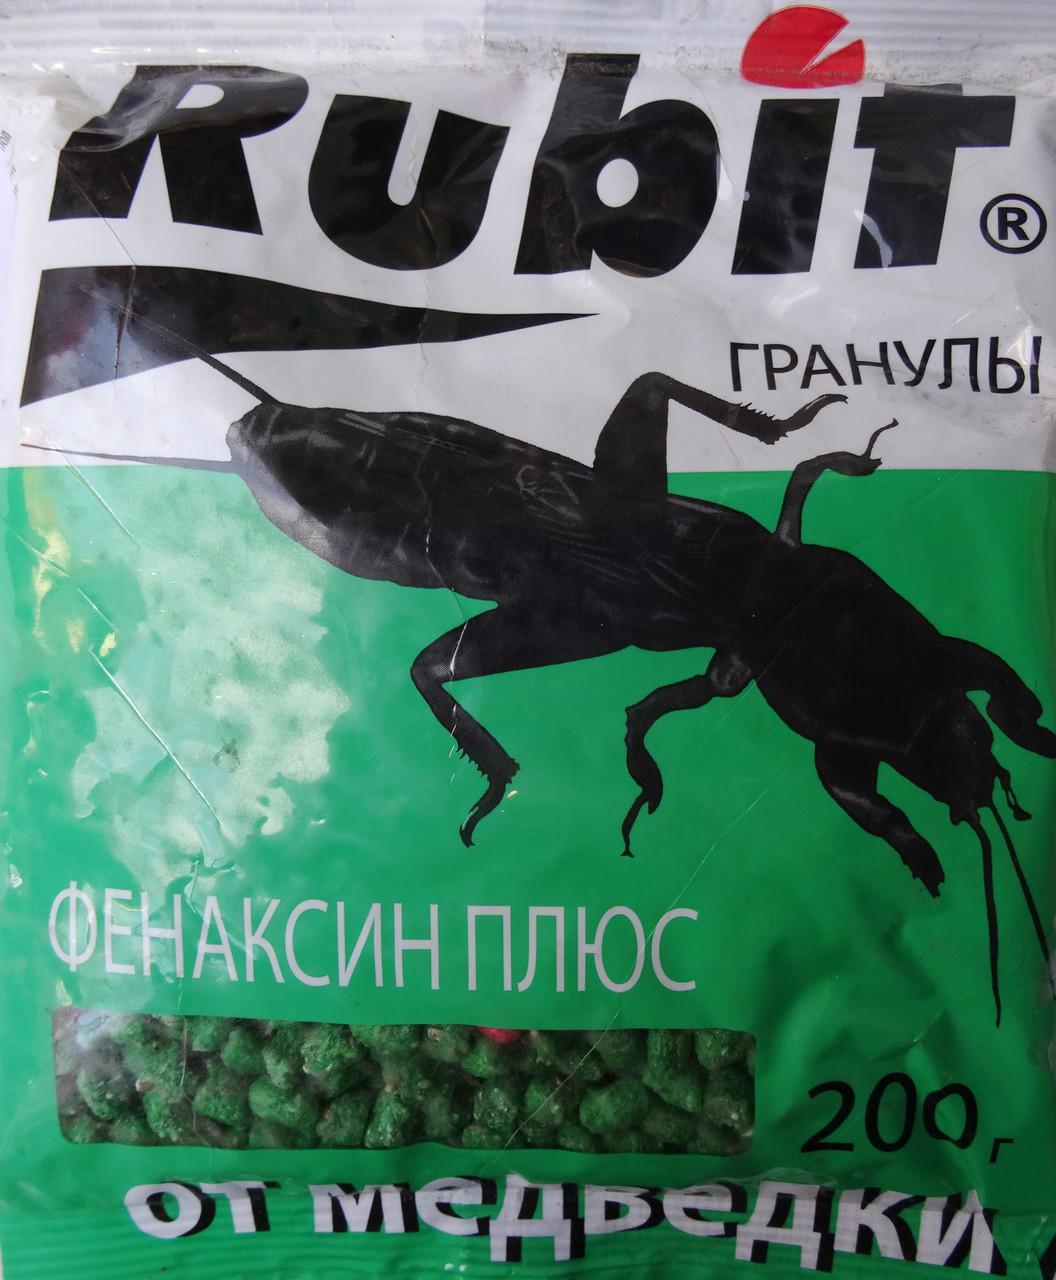 Rubit (средство от медведки), феноксин плюс 200г.